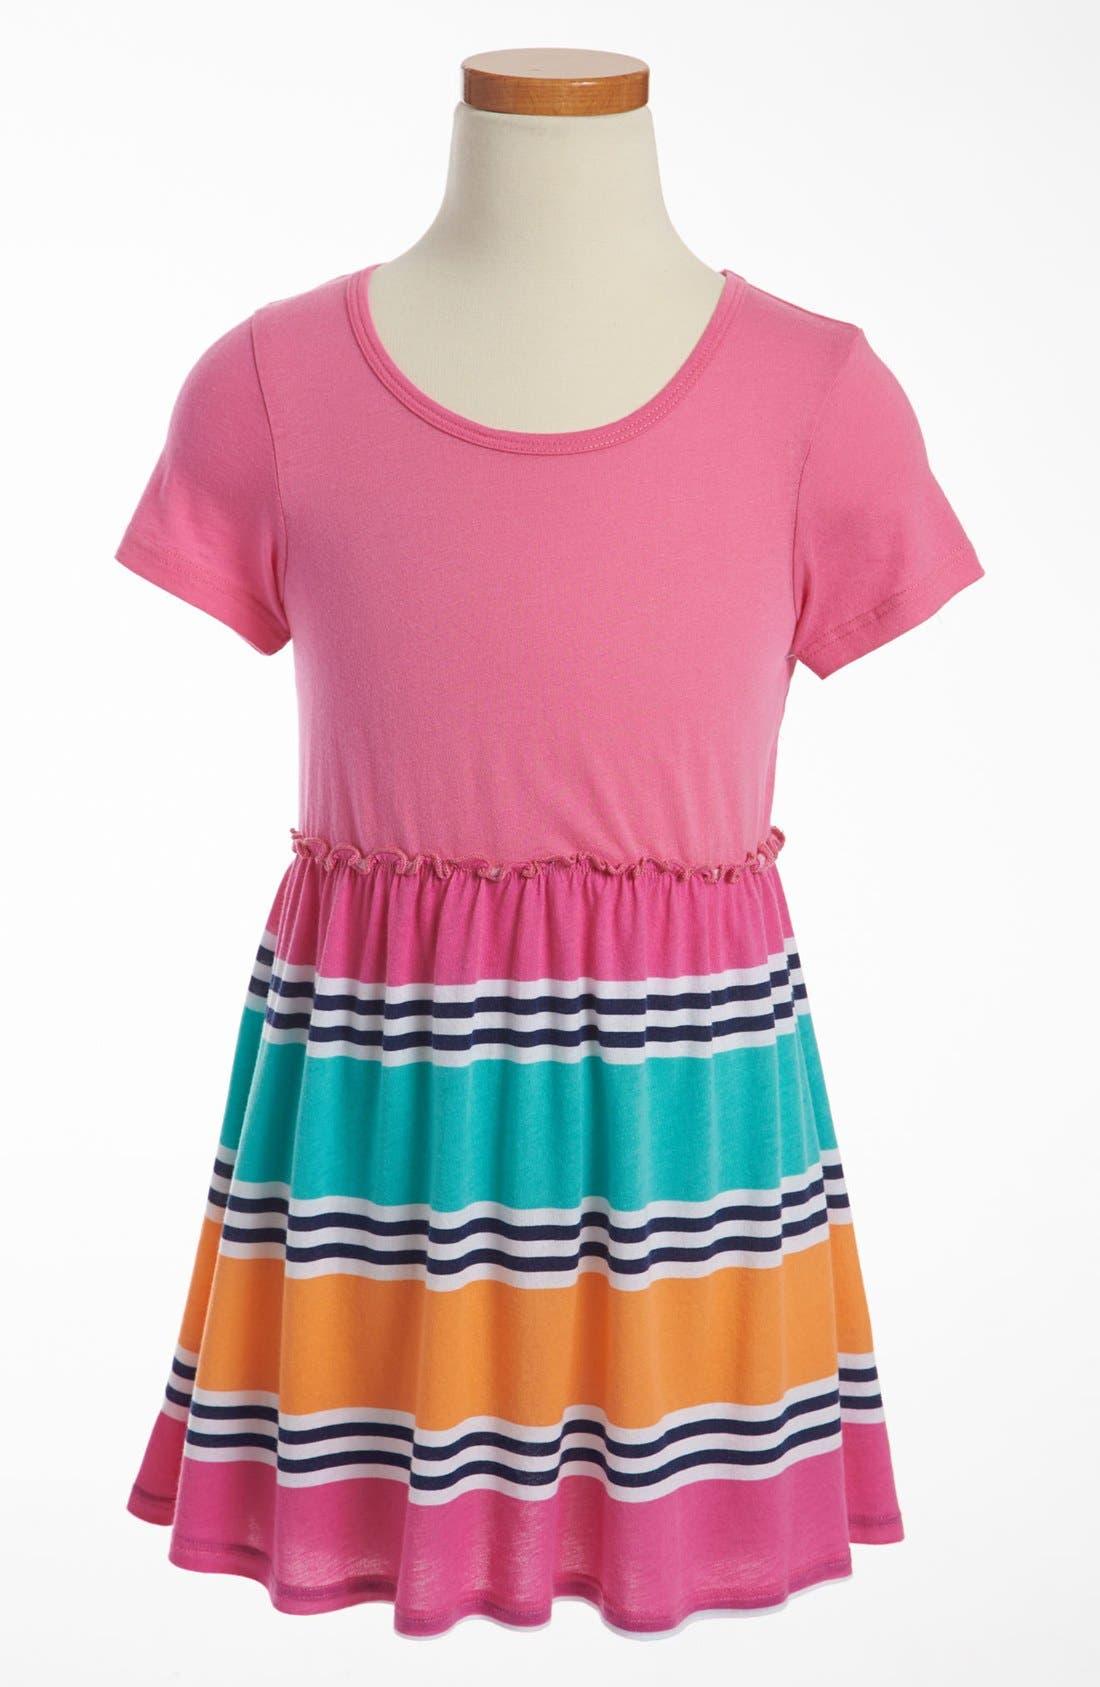 Main Image - Splendid 'Cabana Stripe' Dress (Little Girls)